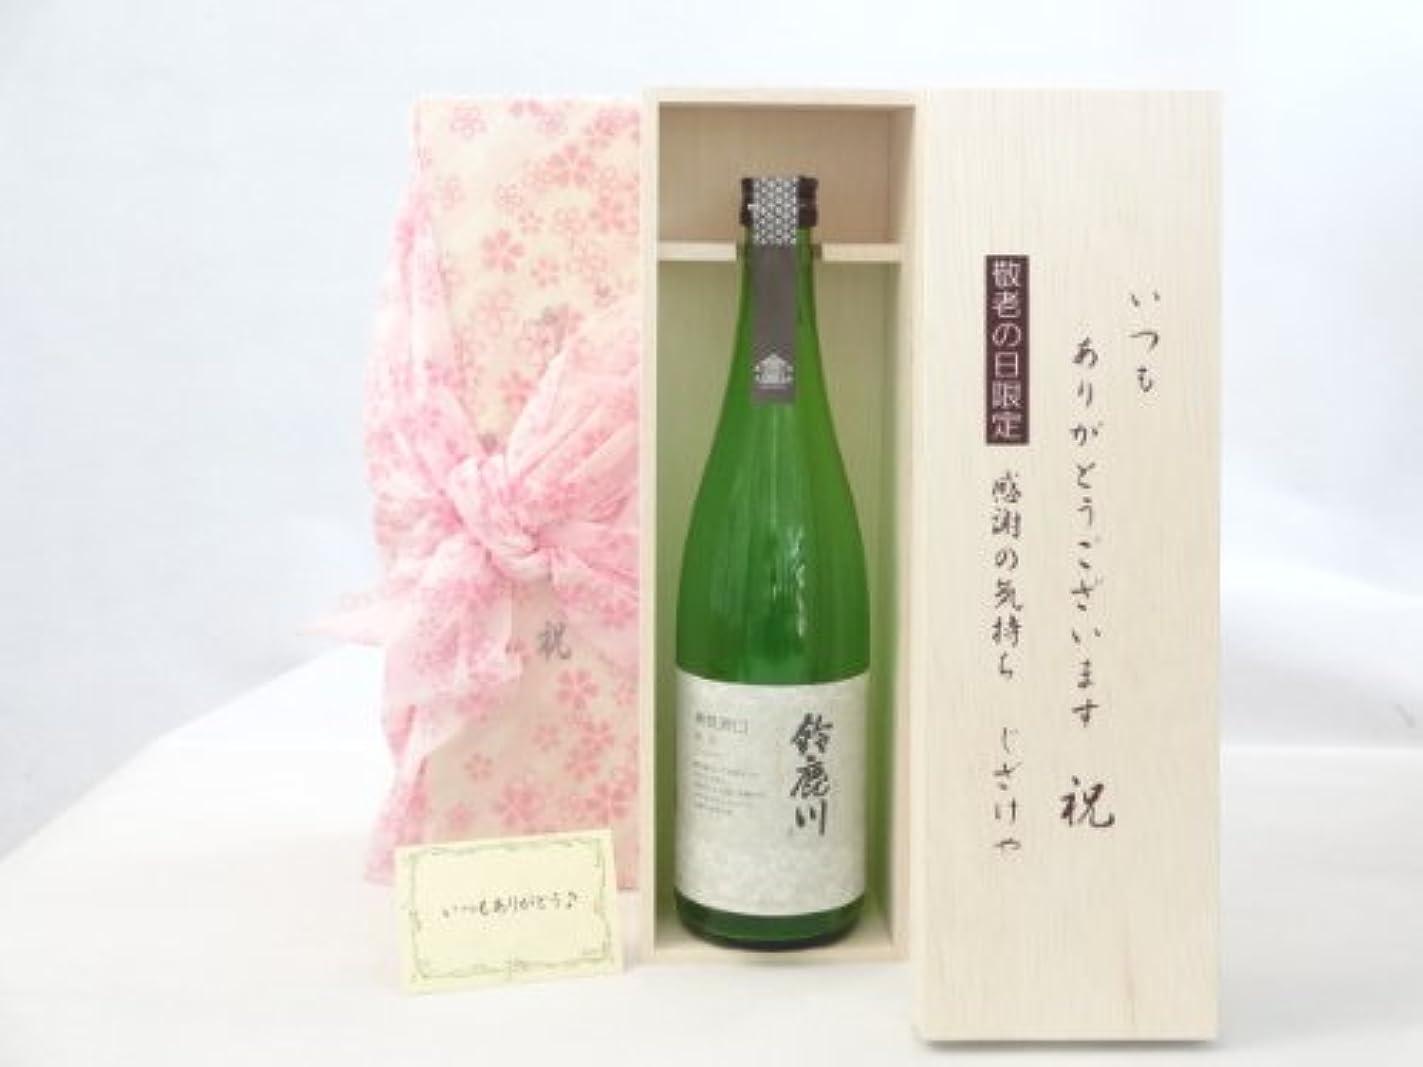 着替える準備革命的敬老の日 ギフトセット 日本酒セット いつもありがとうございます感謝の気持ち木箱セット( 清水清三郎商店 鈴鹿川 純米酒 720ml(三重県) ) メッセージカード付